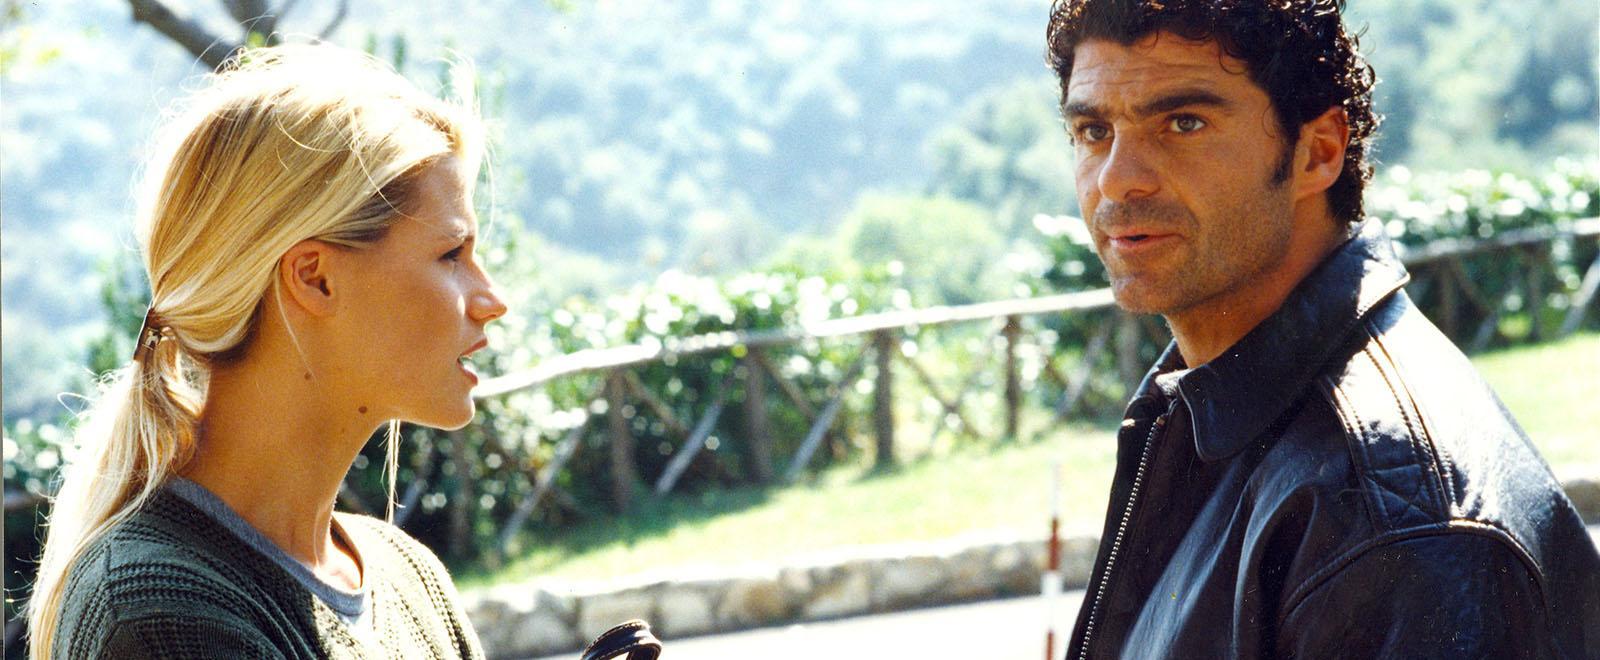 Alex l'Ariete: il brutto film con Alberto Tomba e la Hunziker uscito nel 2000